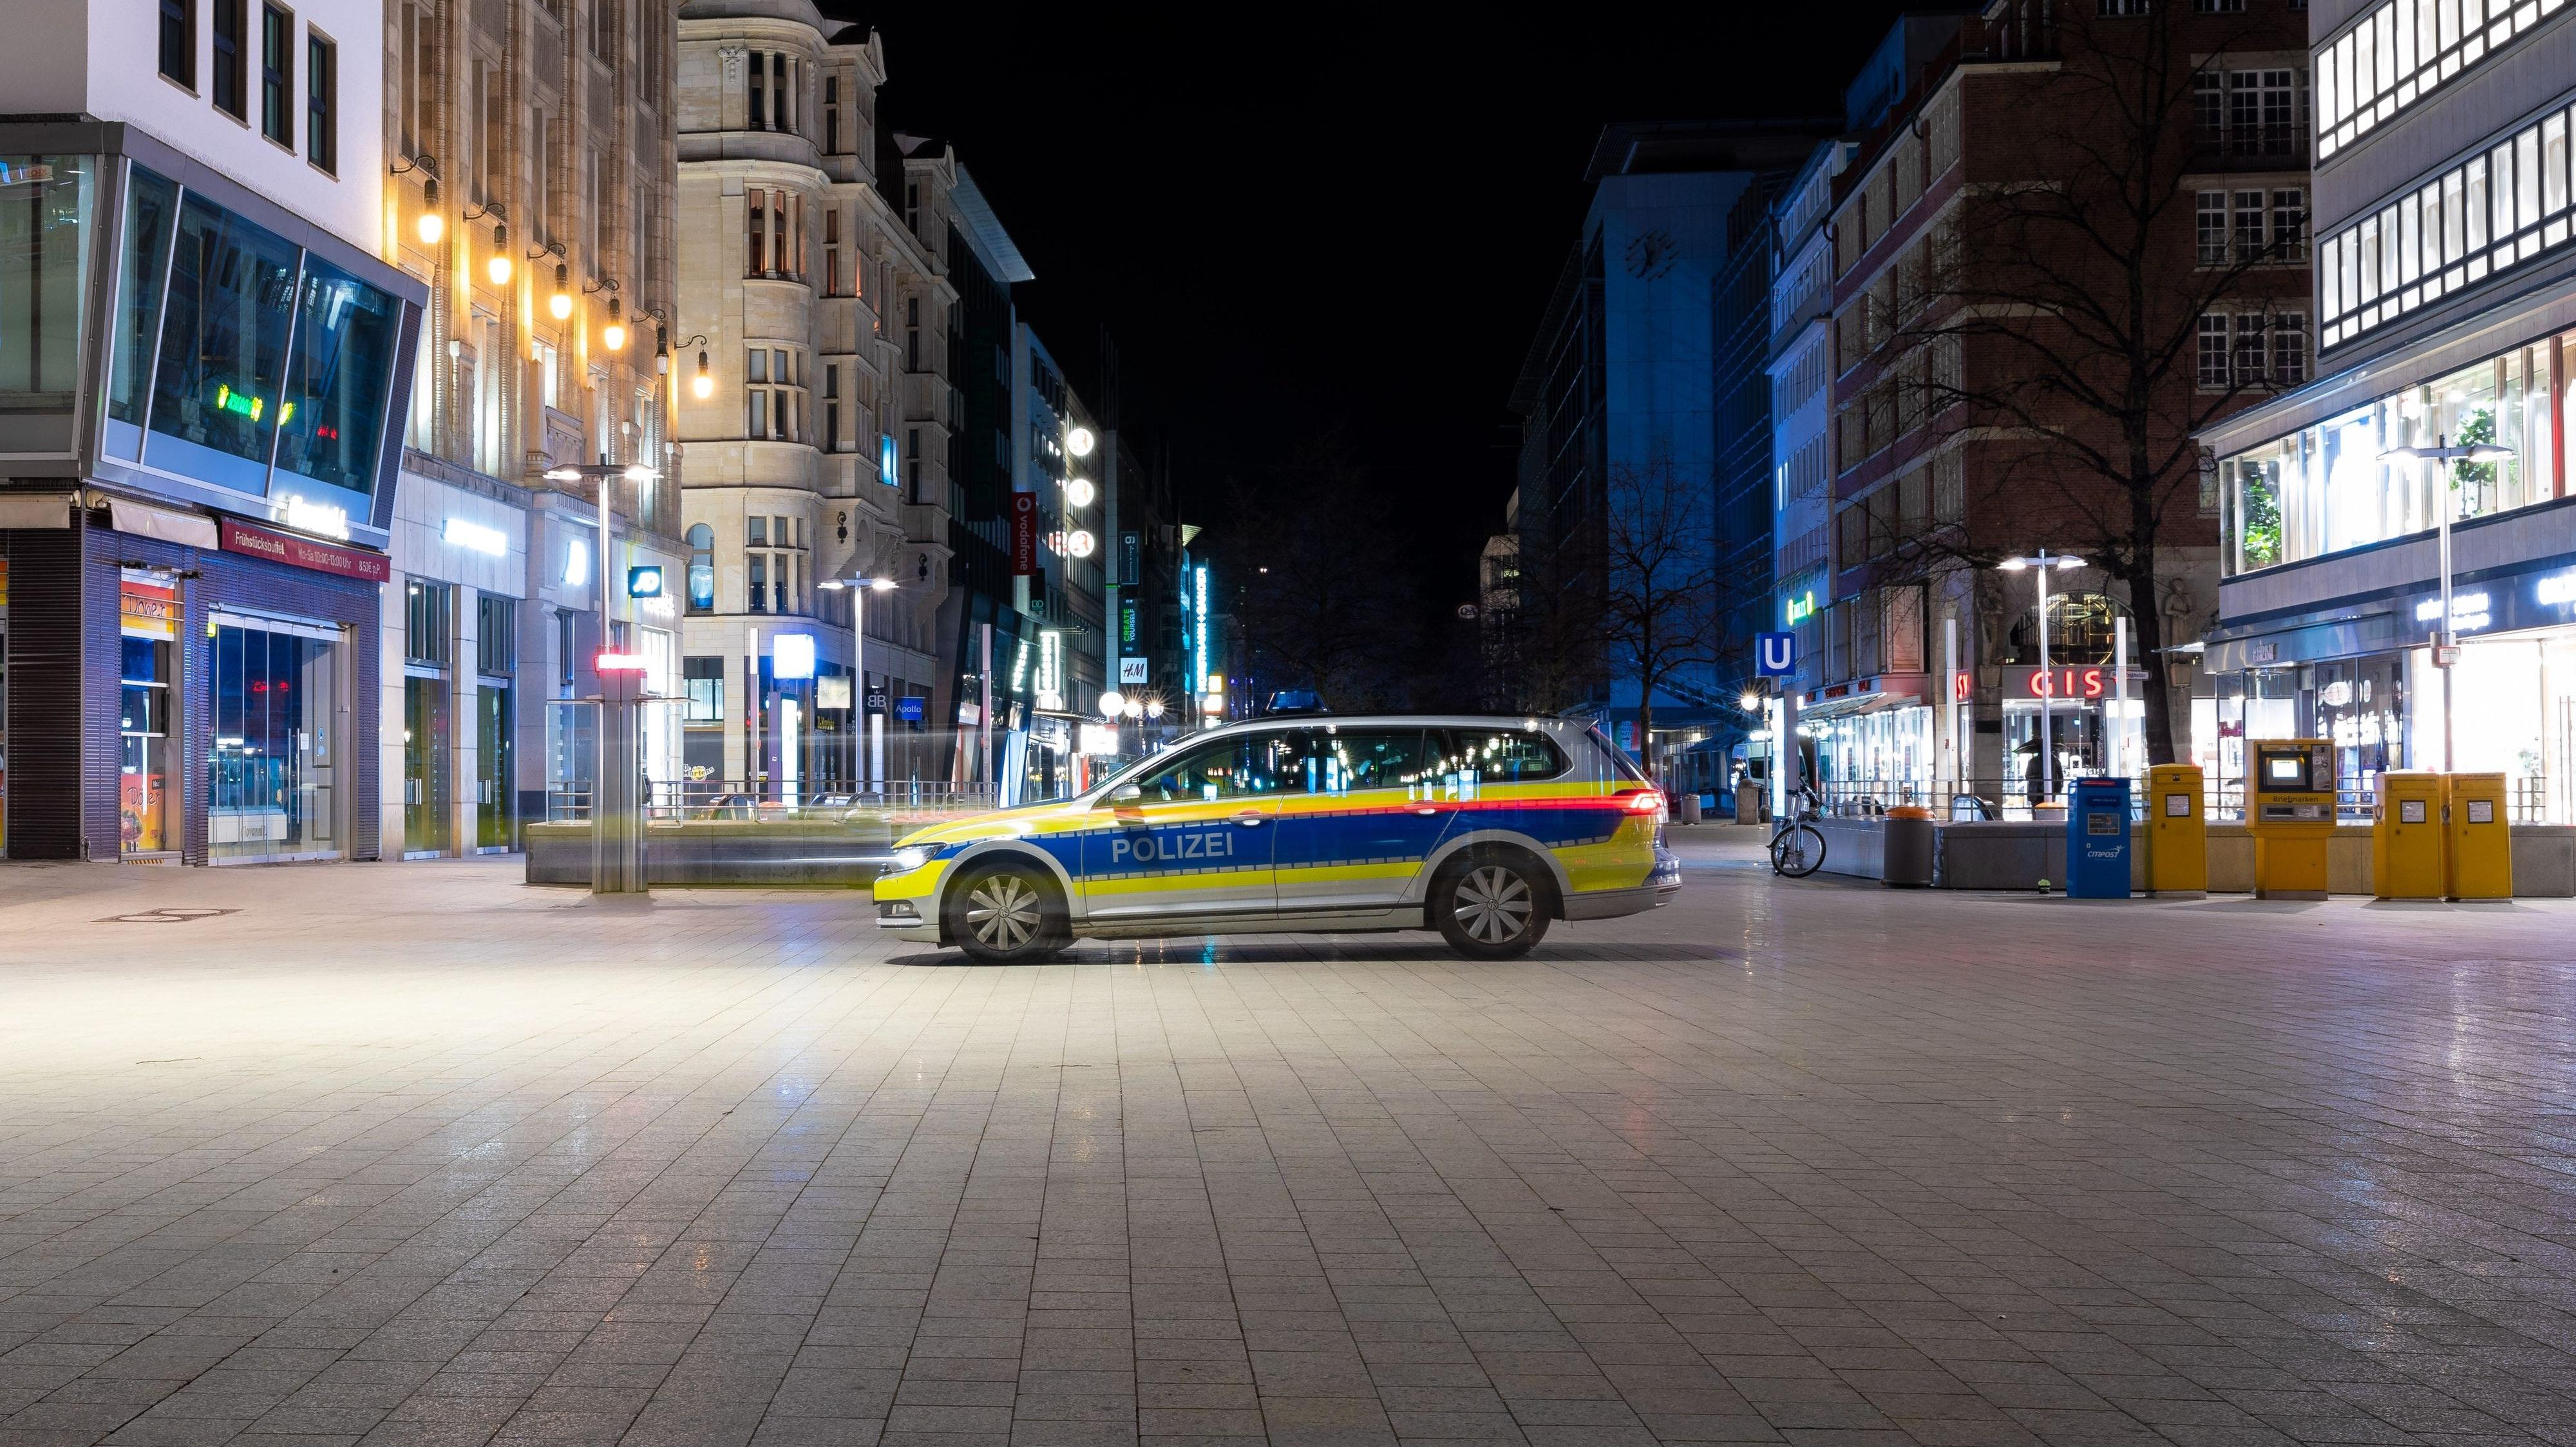 Ein Polizeifahrzeug steht in der Innenstadt von Hannover und überwacht die Einhaltung der Ausgangssperre. Foto: dpa / Frankenberg